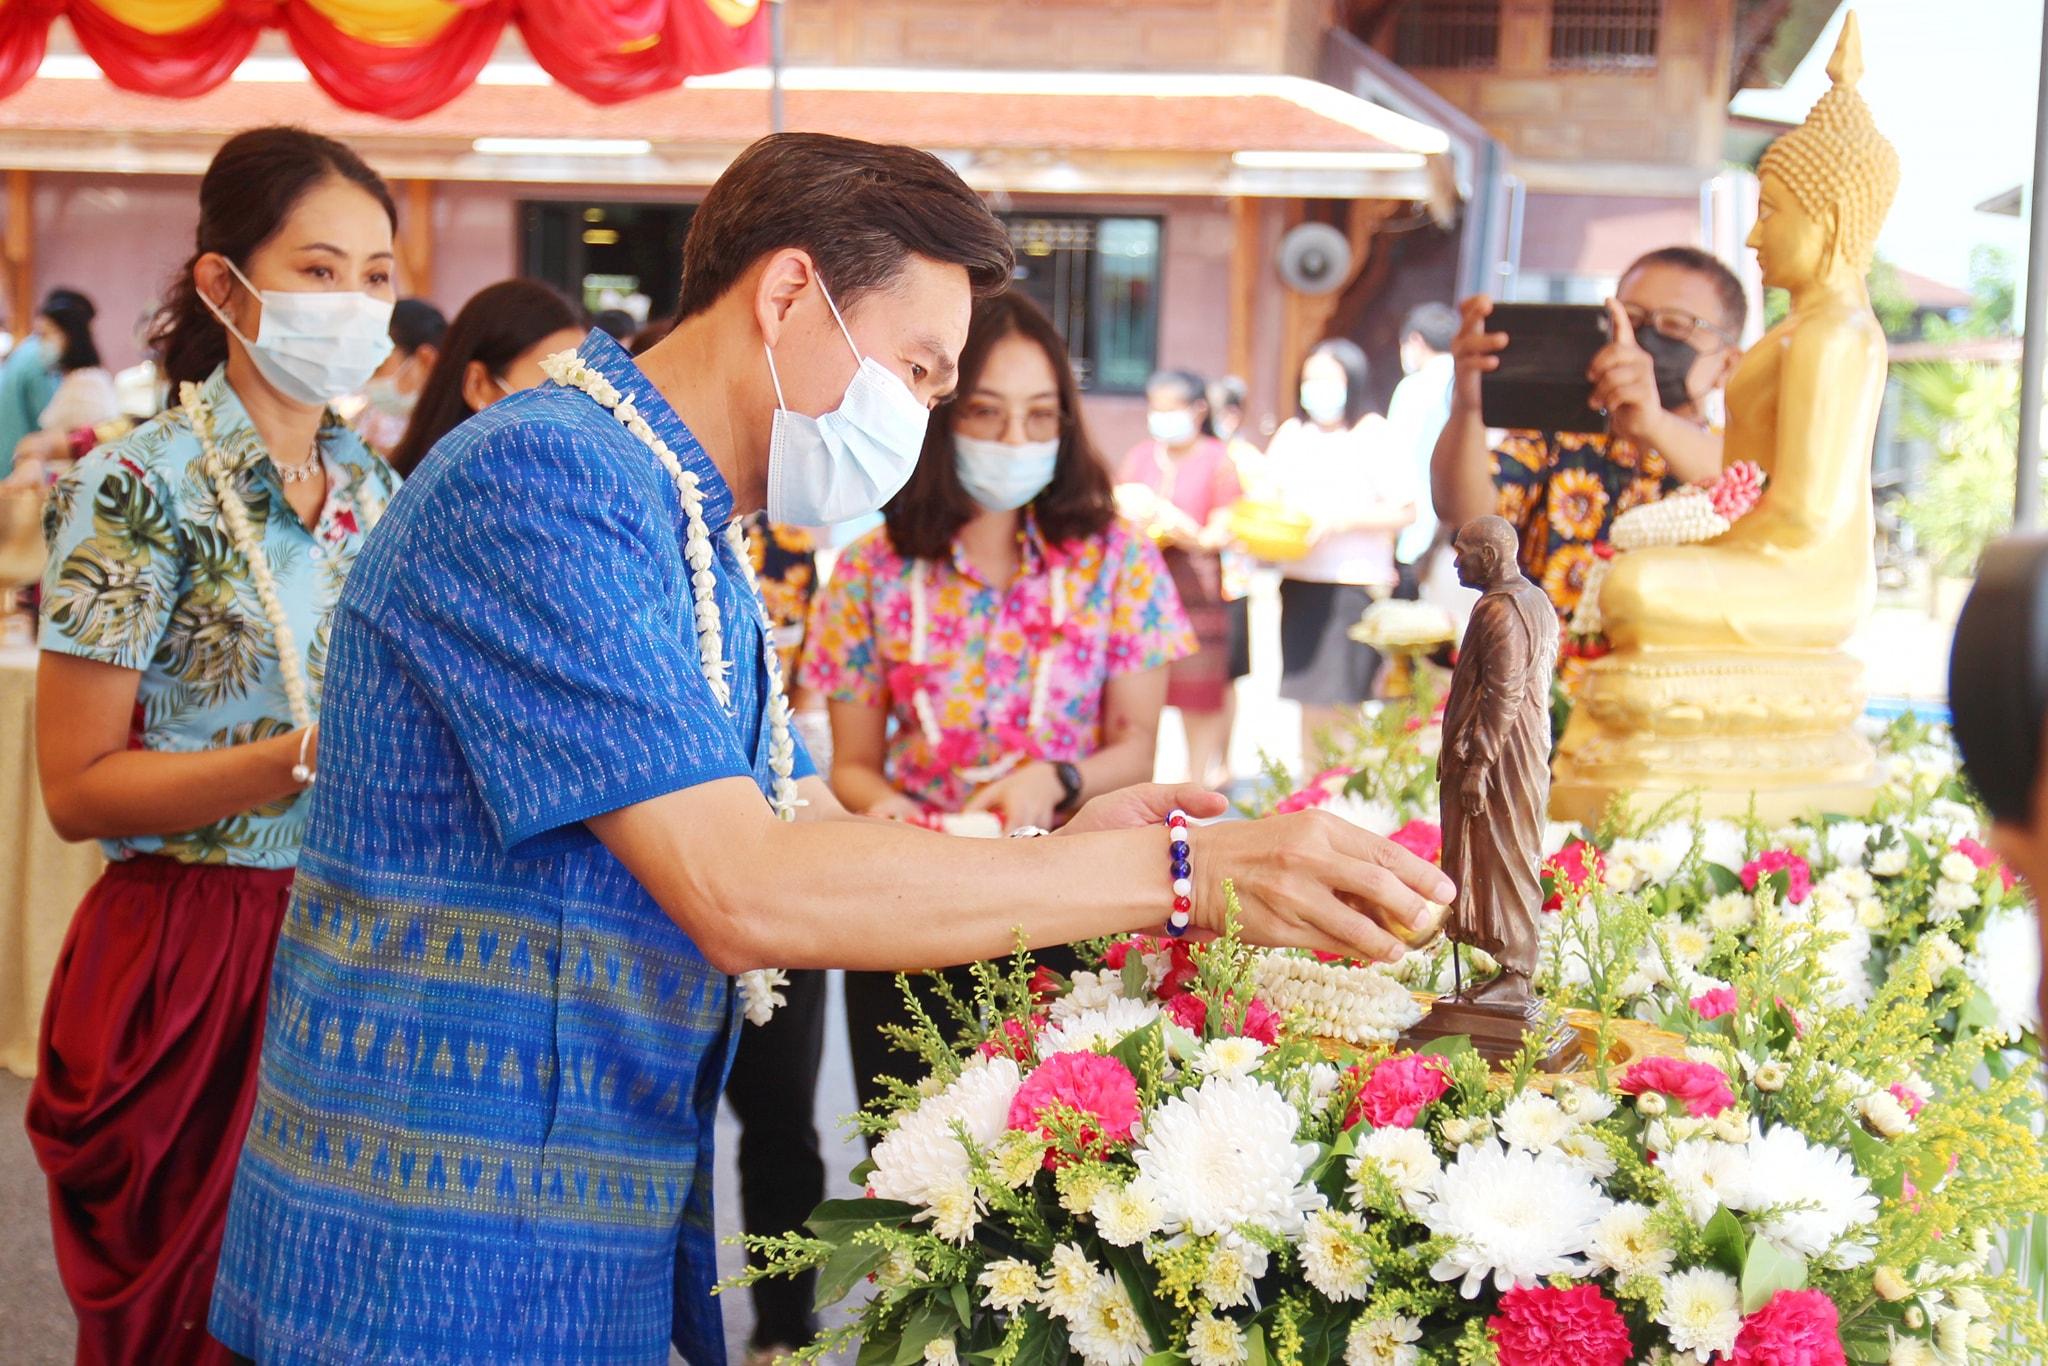 """จังหวัดลพบุรี จัดกิจกรรม """"ทำบุญ สรงน้ำพระ เพื่อความเป็นสิริมงคล"""" เนื่องในเทศกาลวันสงกรานต์ ประจำปี 2564"""